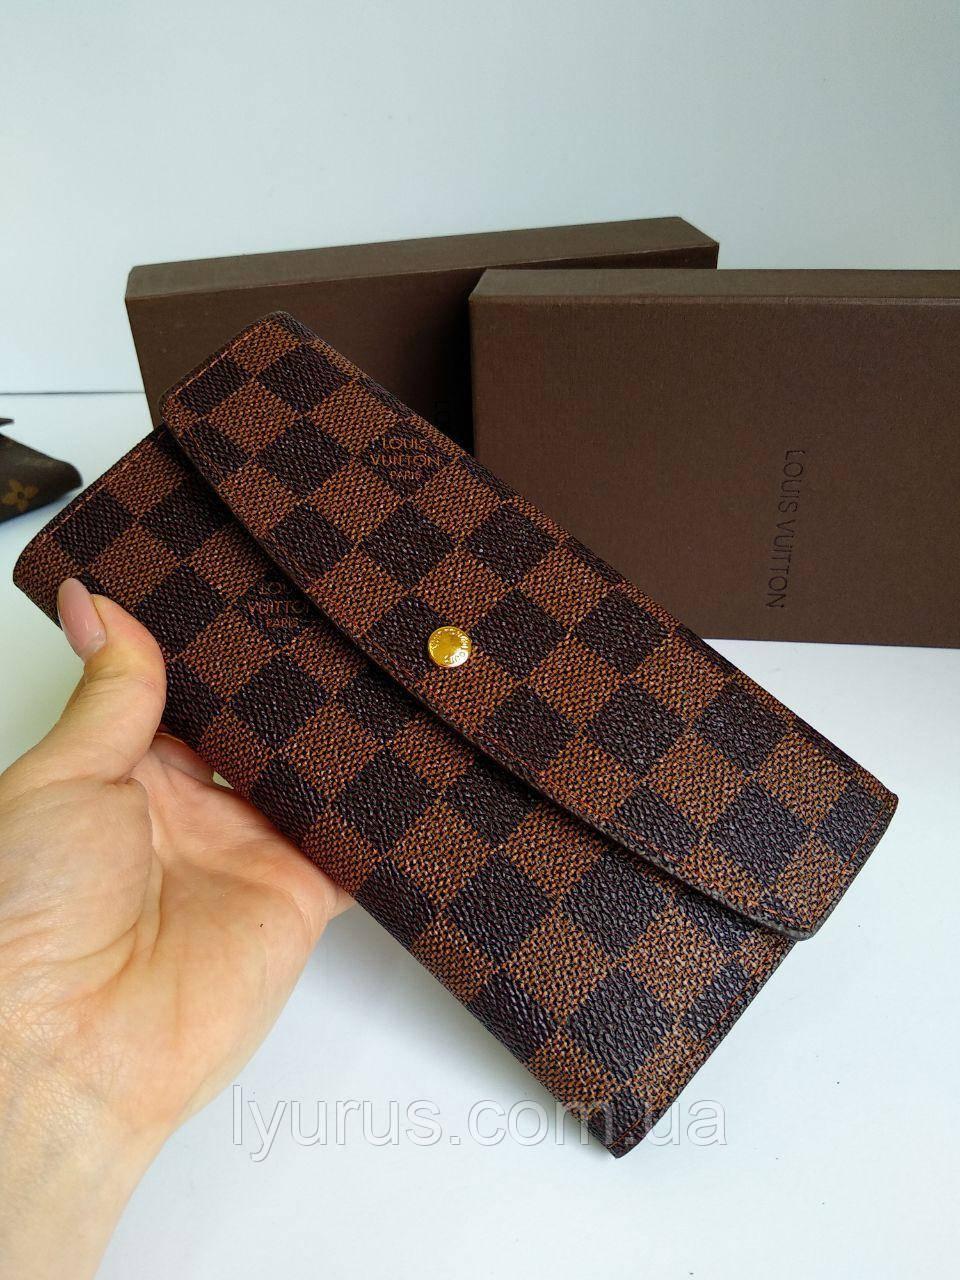 Женский кошелек Louis Vuitton канва коробка